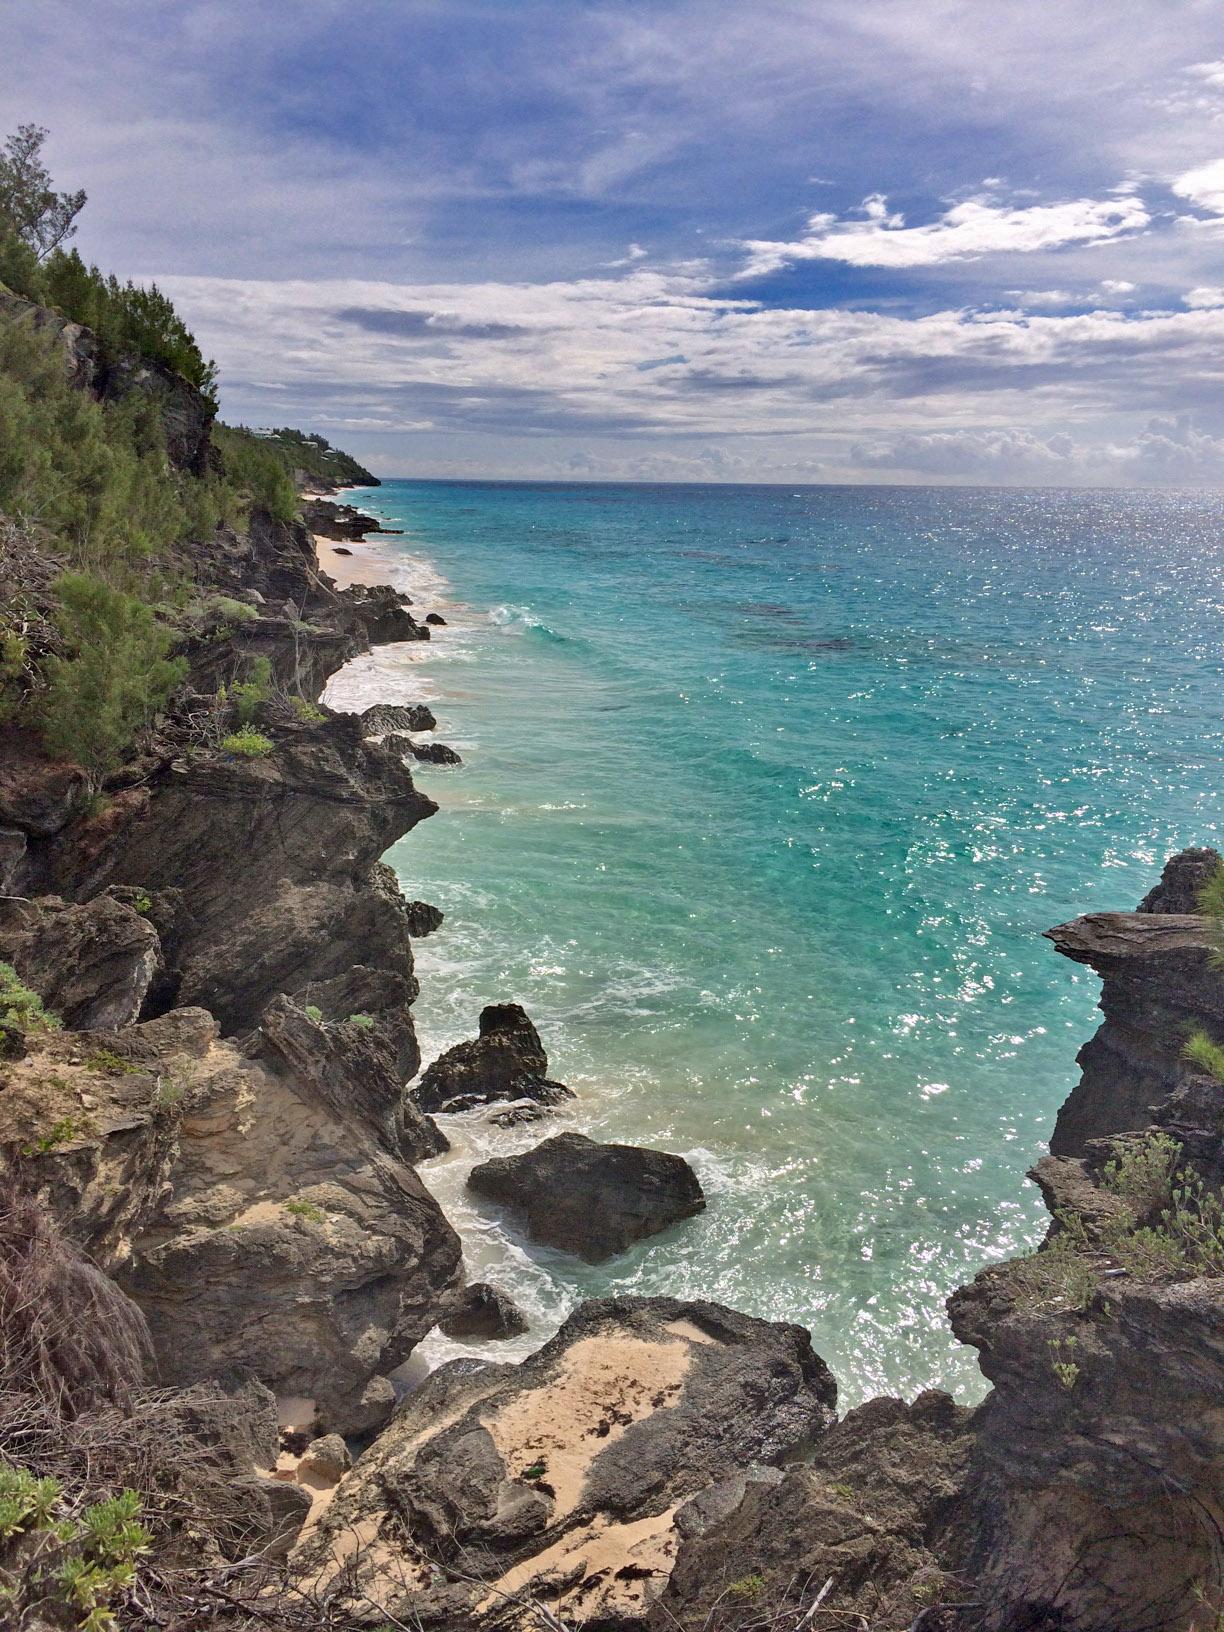 Bermuda come muoversi, trasporti